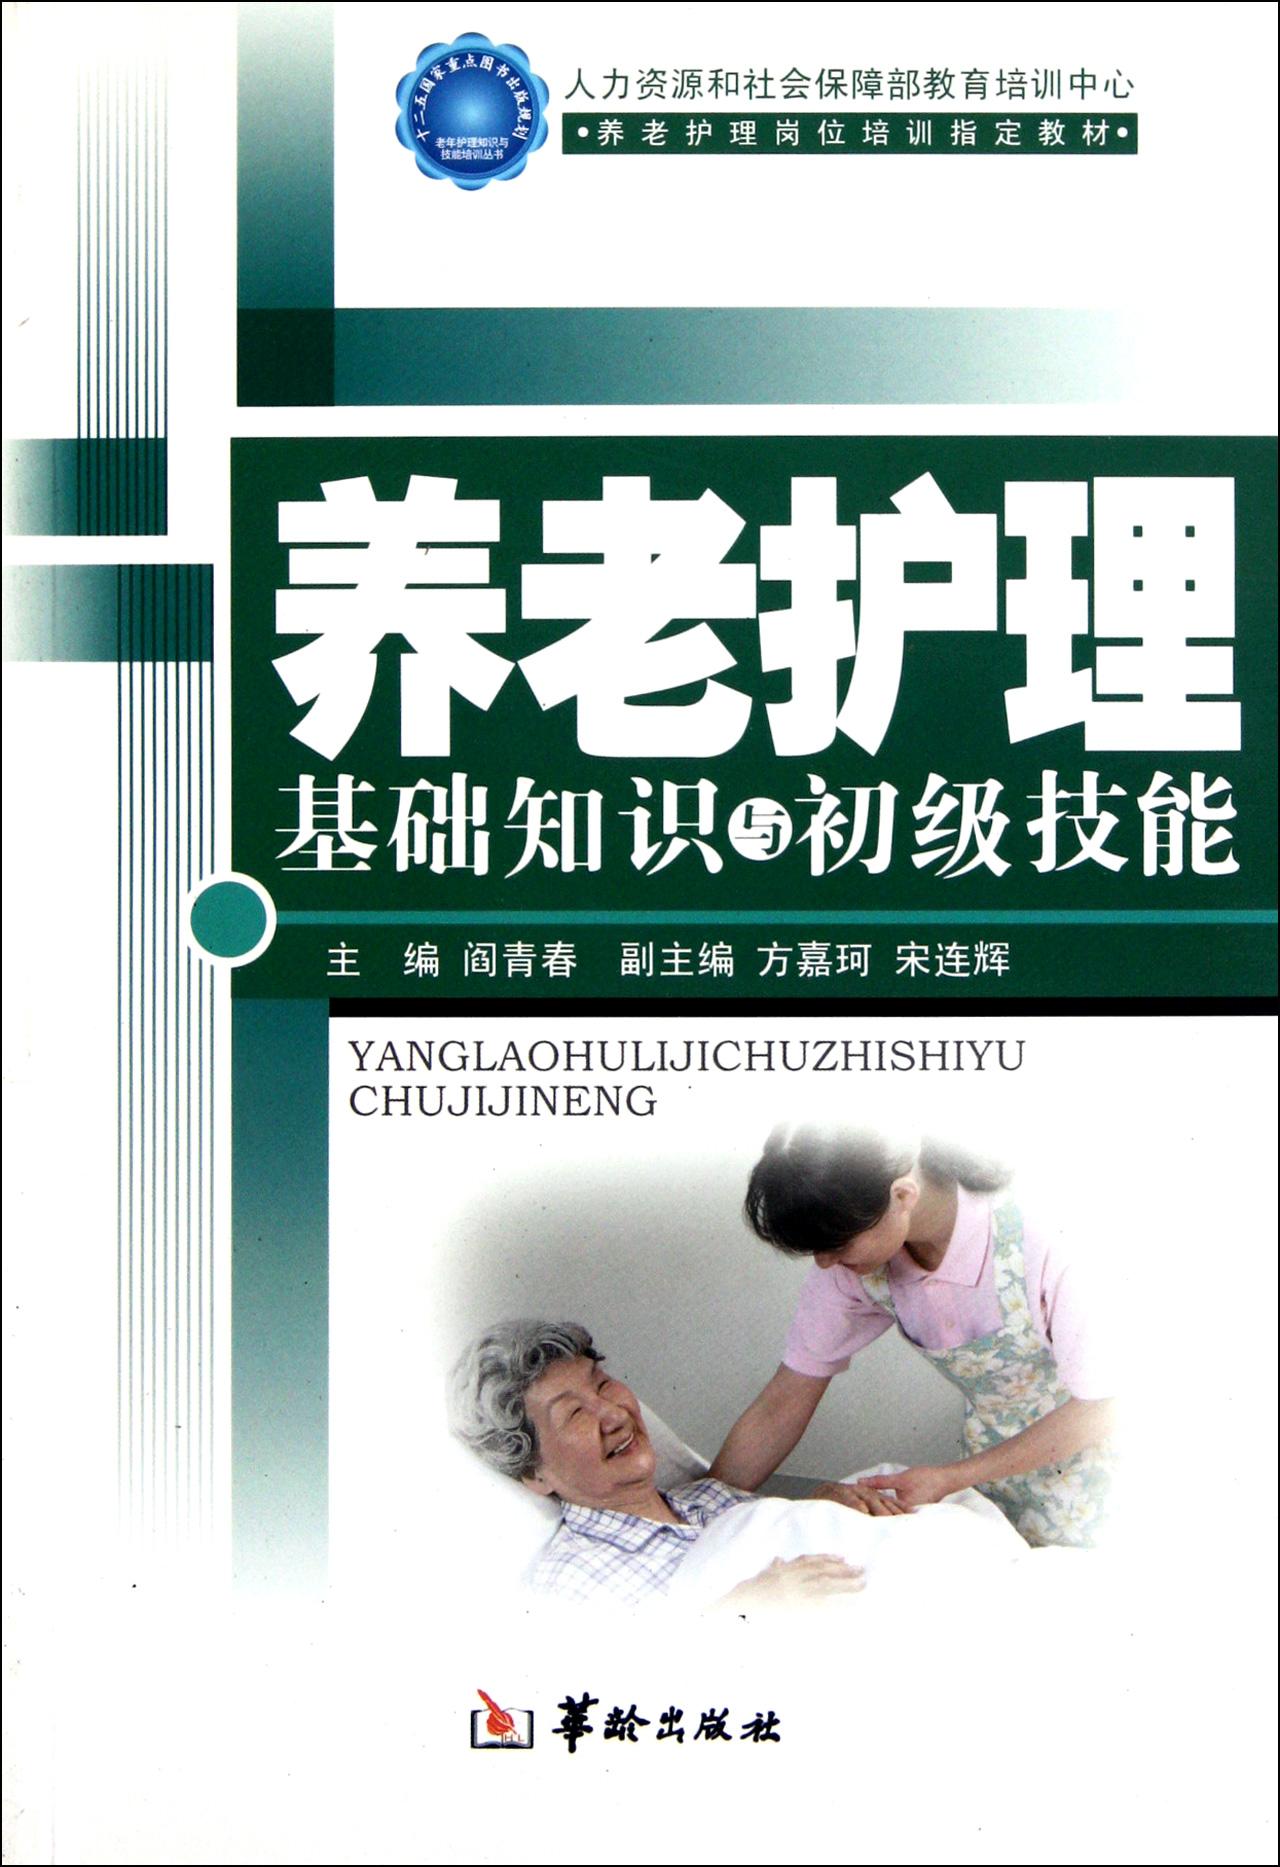 养老护理基础知识与初级技能(养老护理岗位培训指定)